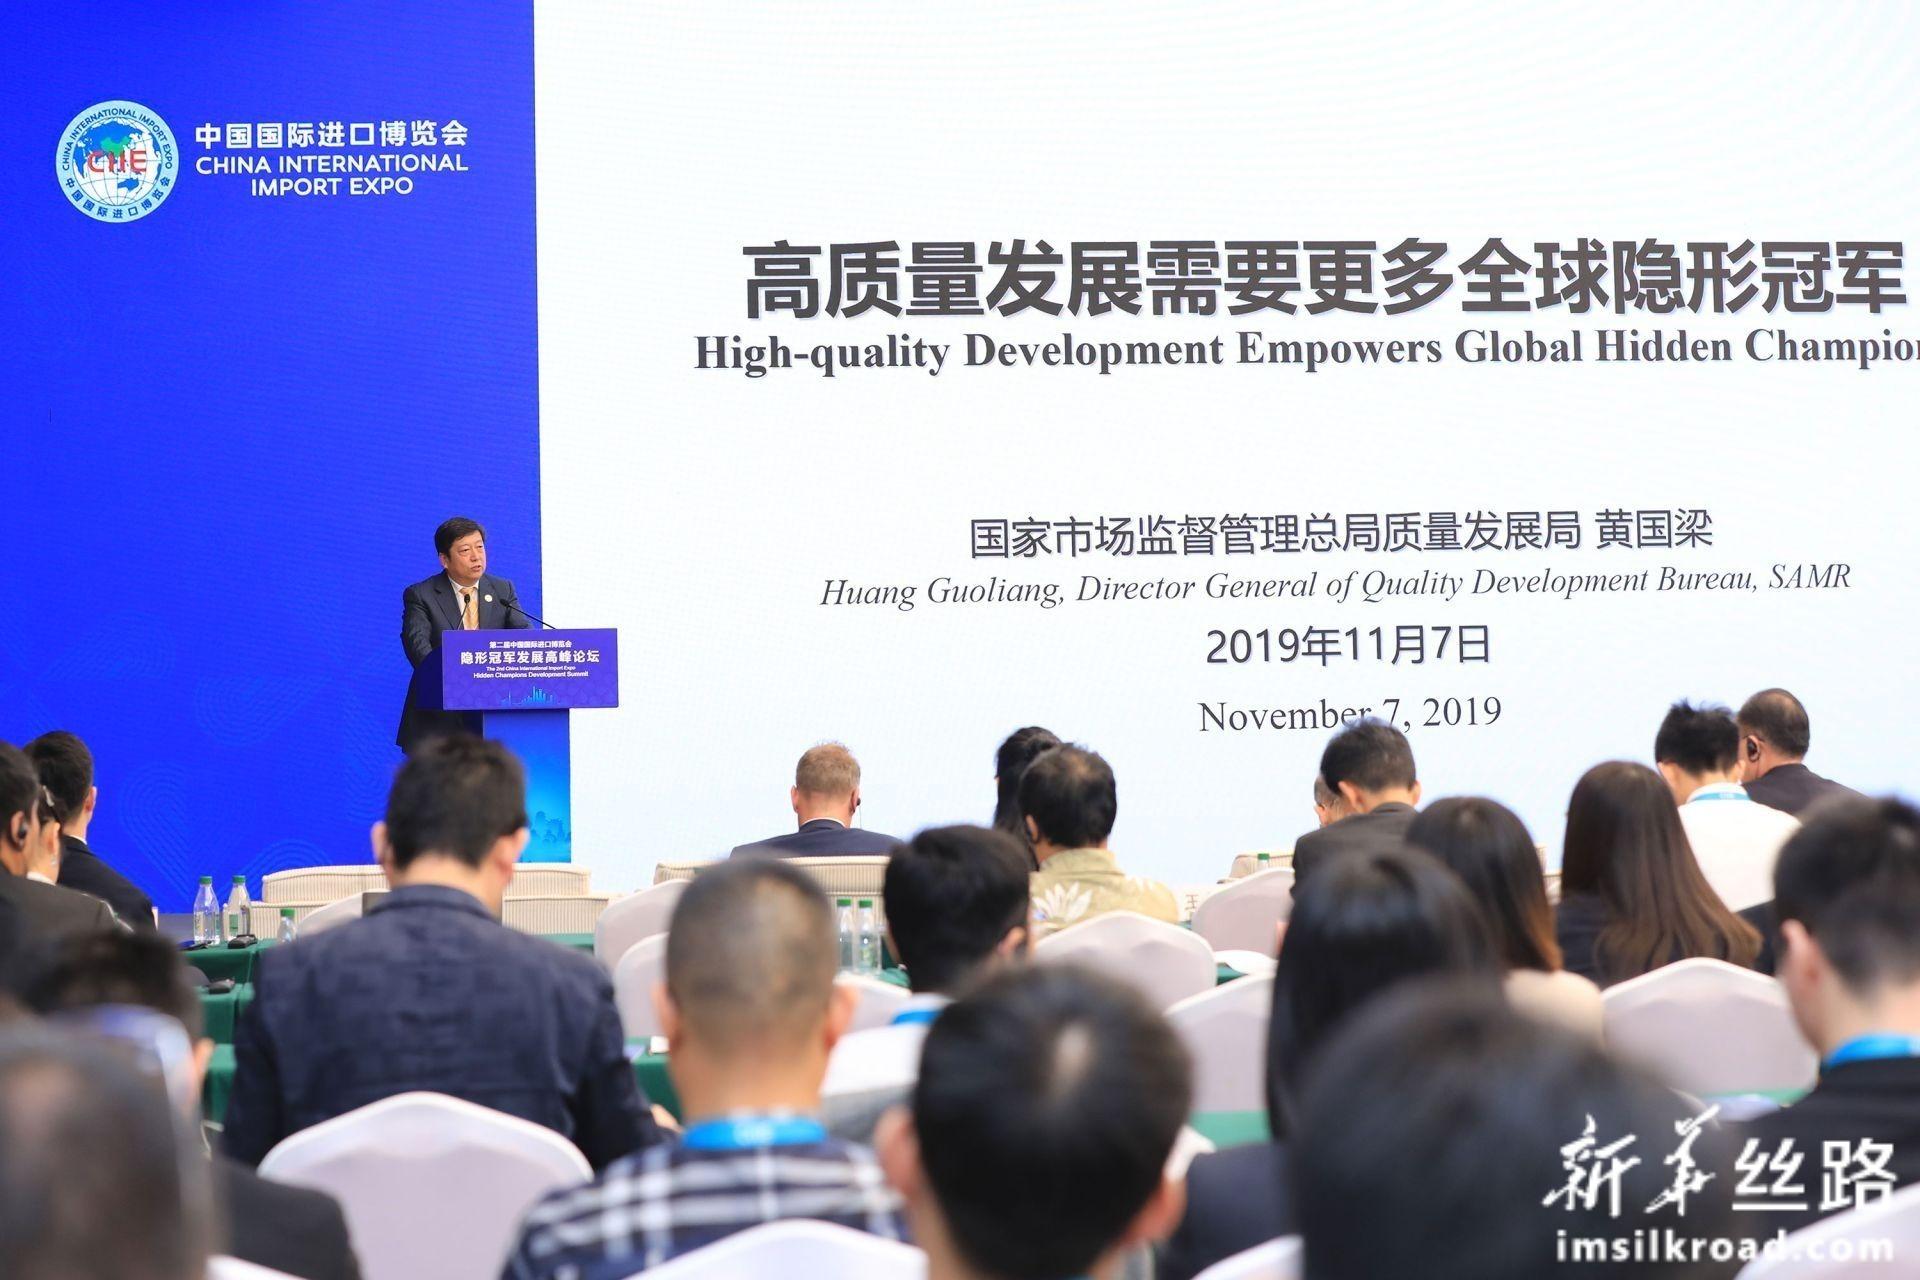 第二届中国国际进口博览会隐形冠军发展高峰论坛现场